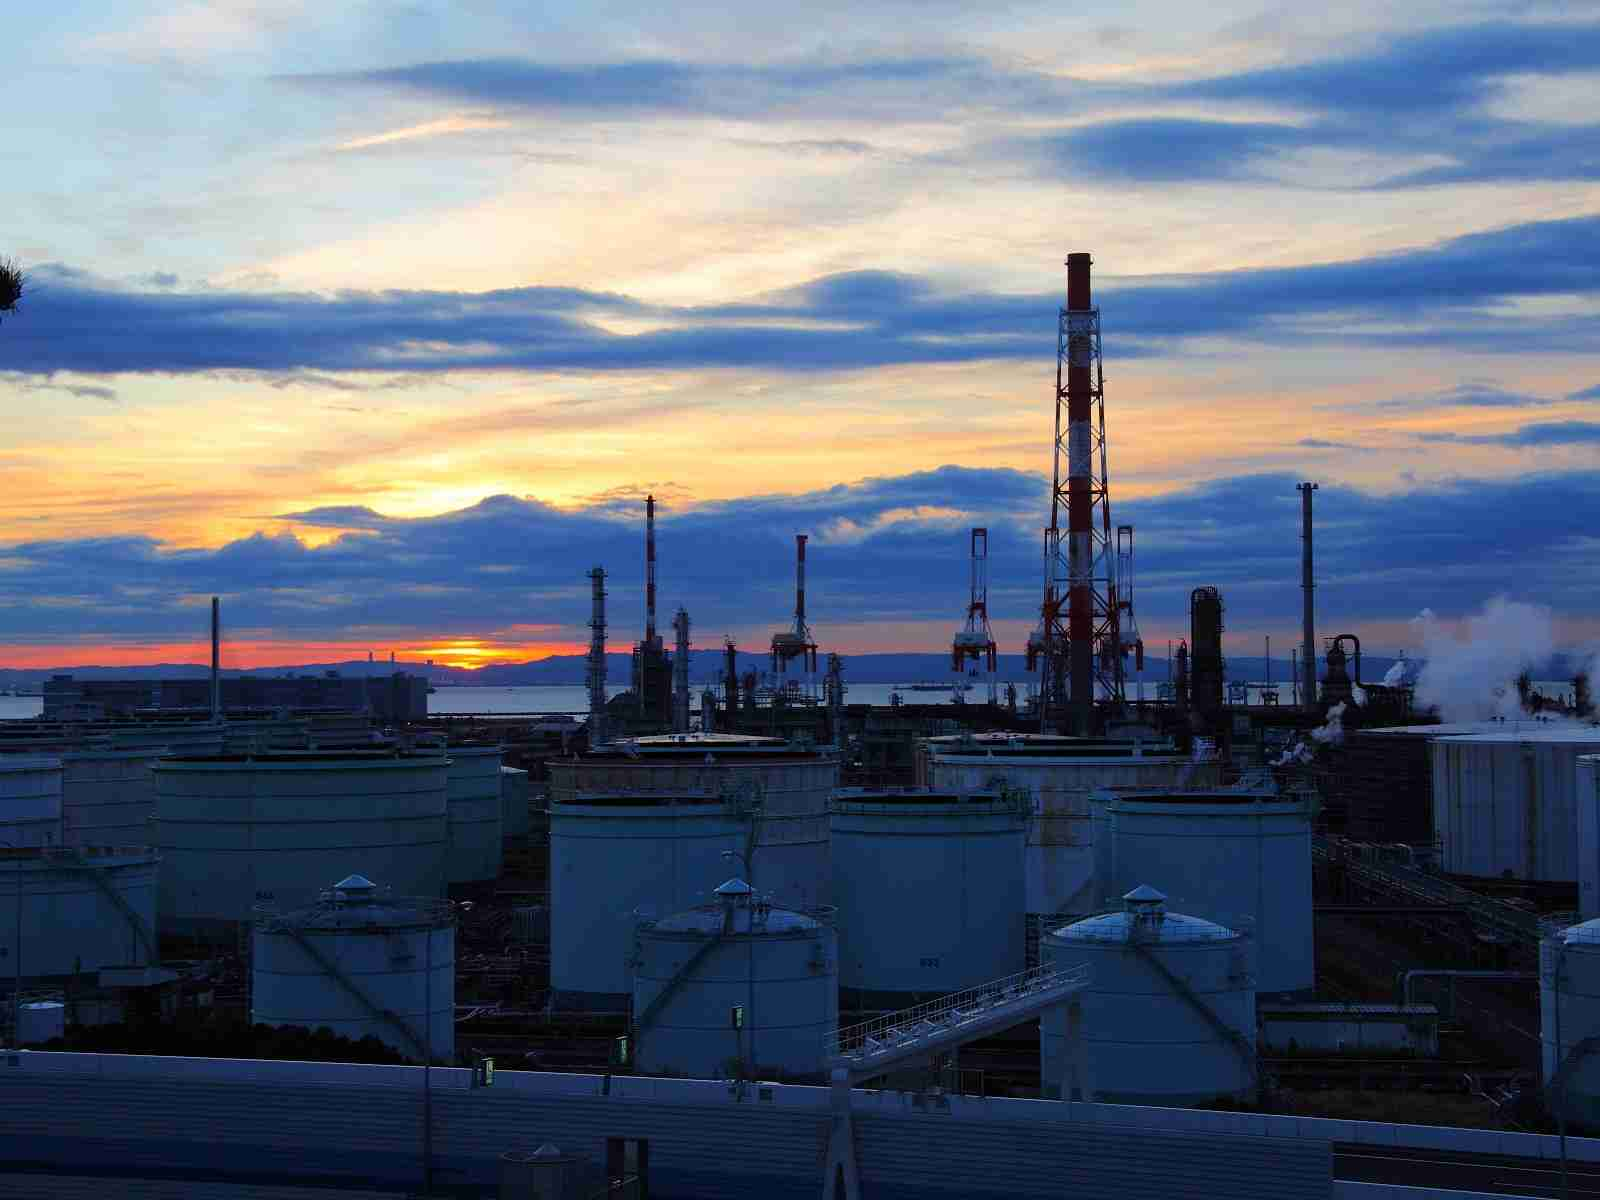 工場夜景の画像